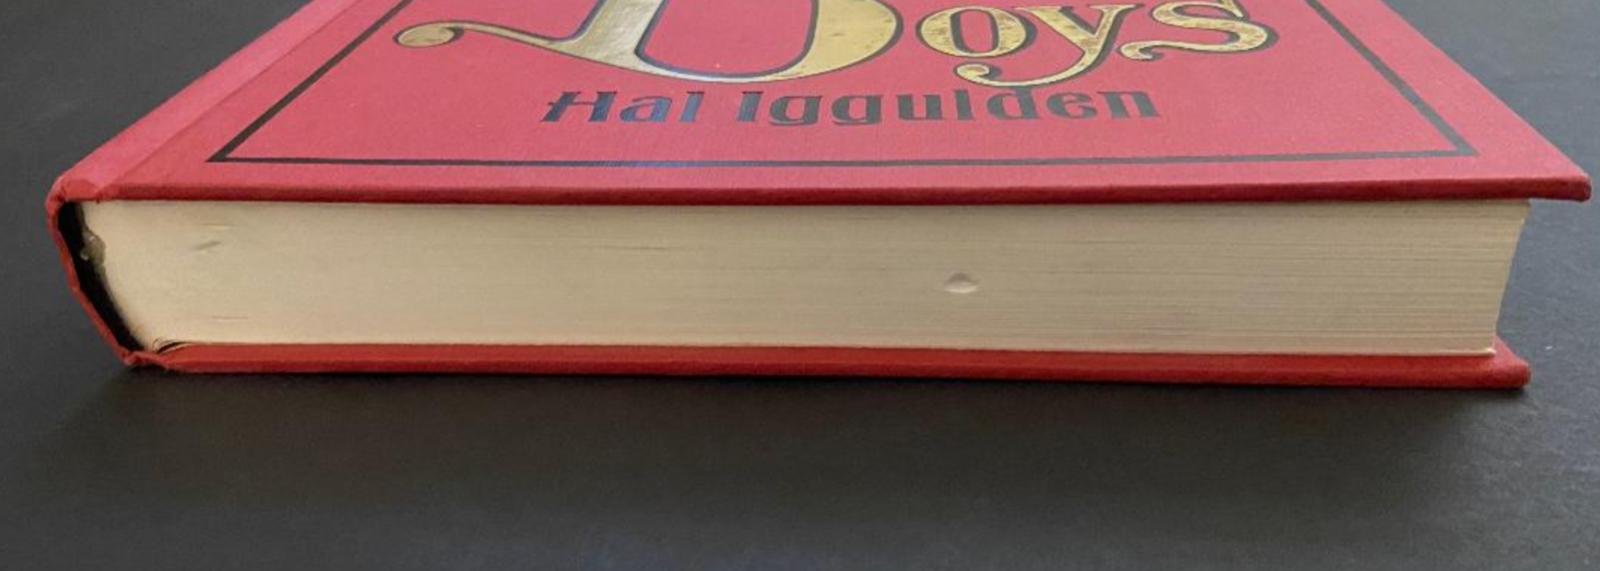 The Dangerous Book For Boys By Conn Iggulden, Hal Iggulden - $4.99